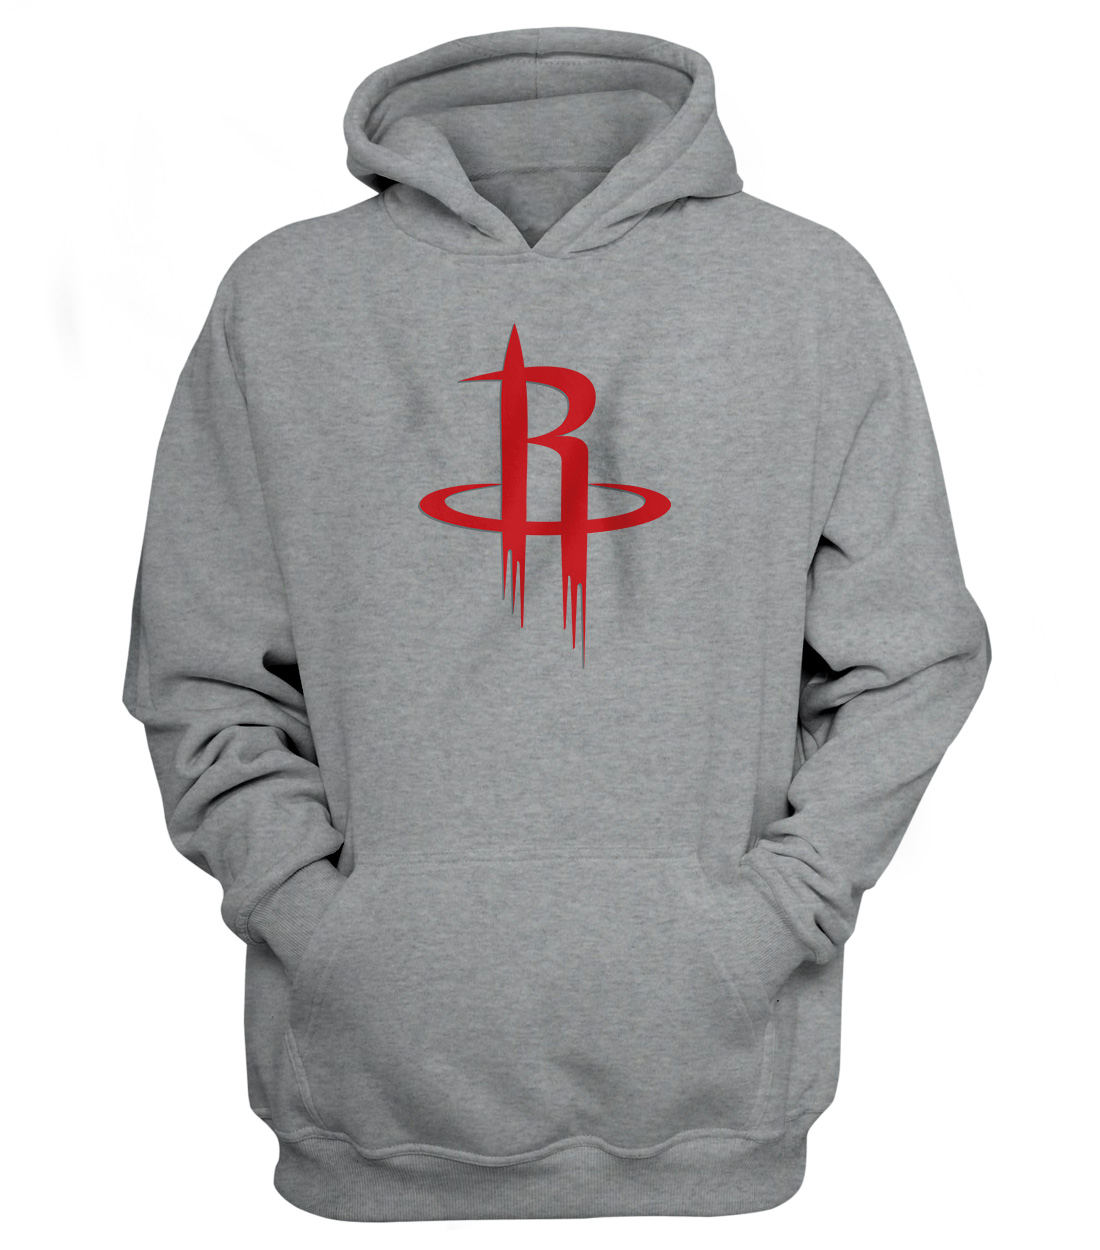 Houston Rockets Hoodie (HD-GRY-NP-114-NBA-HOU-LOGO)